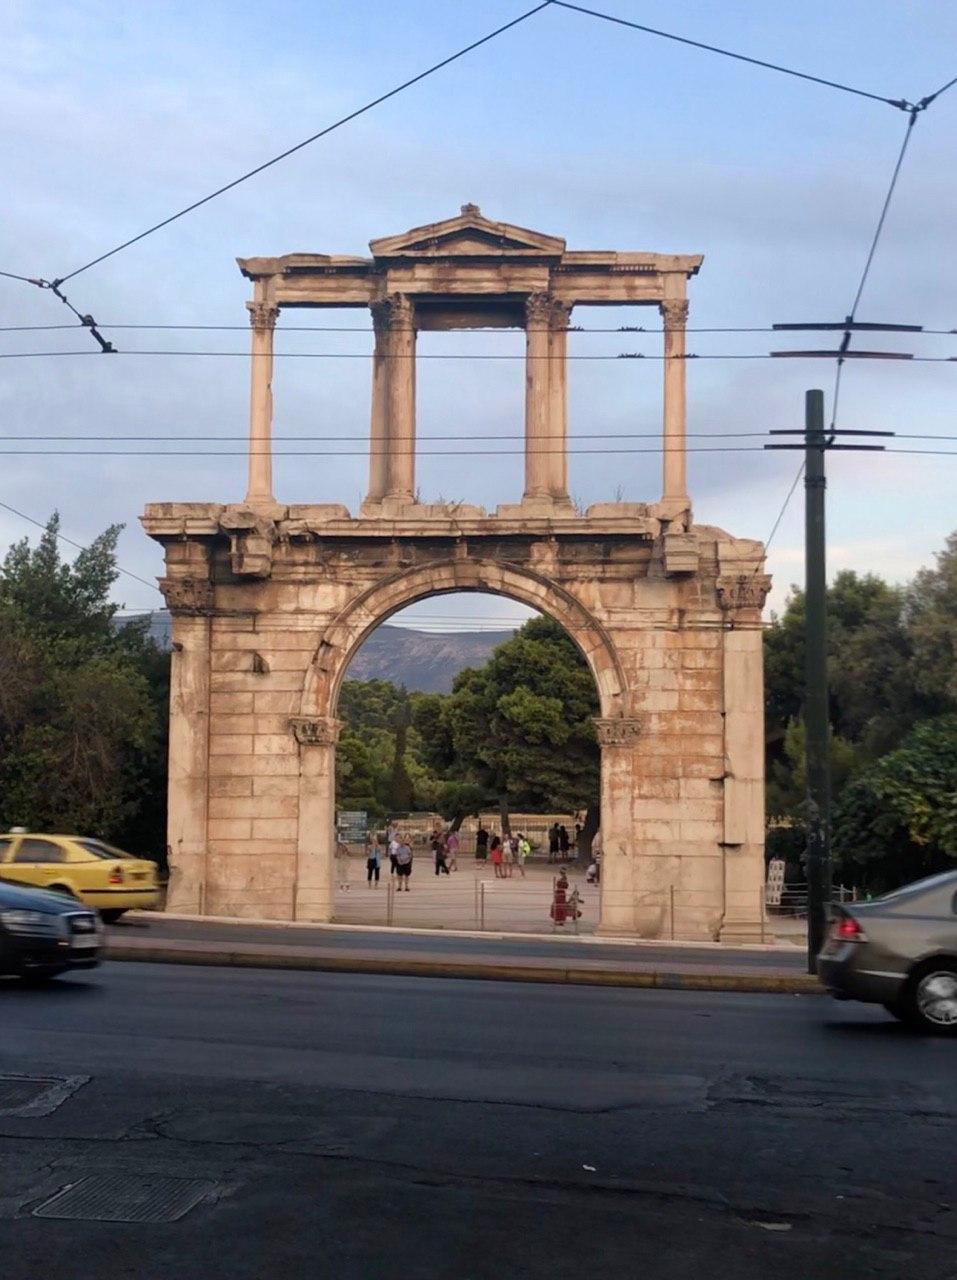 دروازه معبد زئوسzeus temple greece